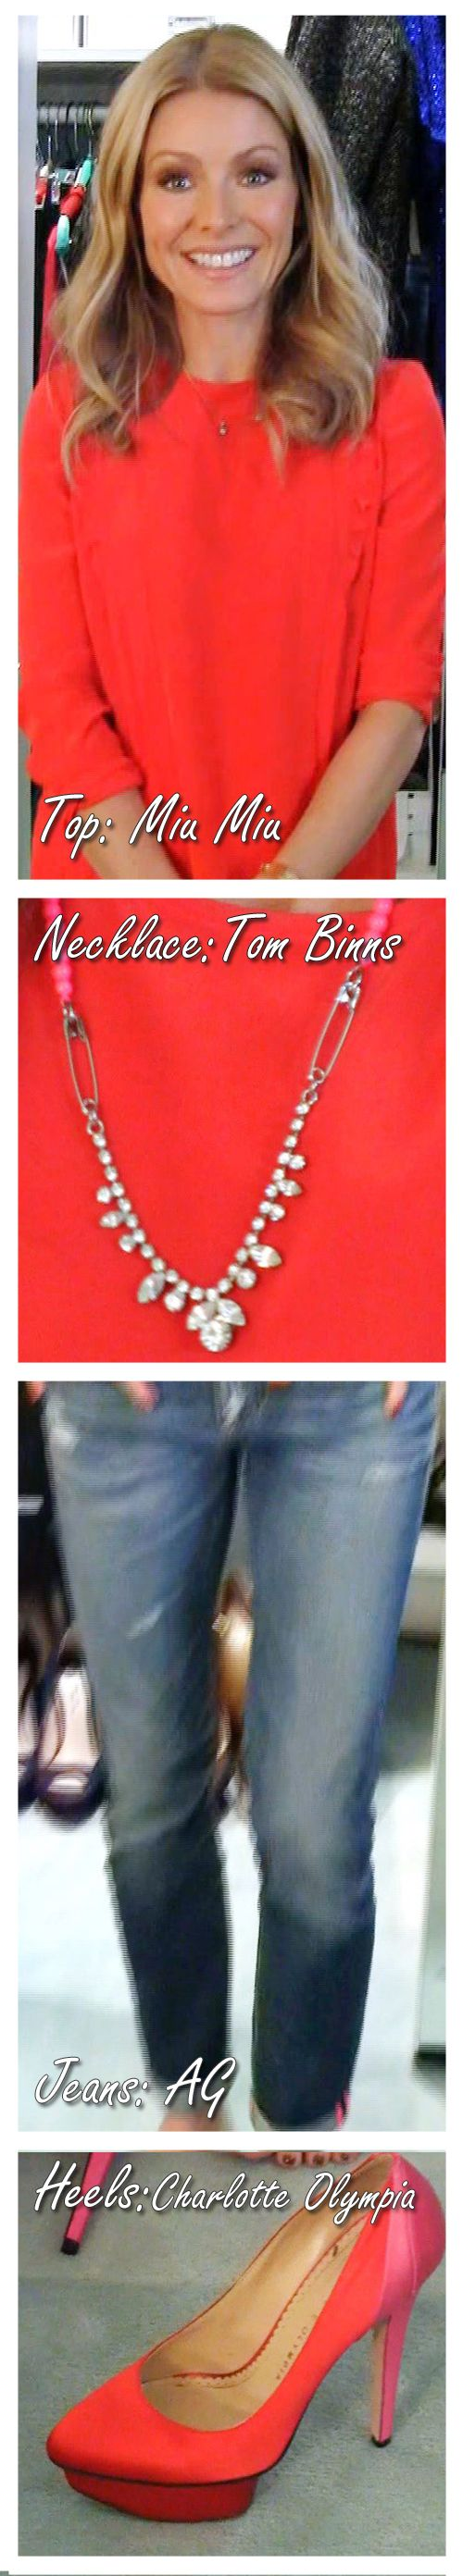 gotta find this necklace